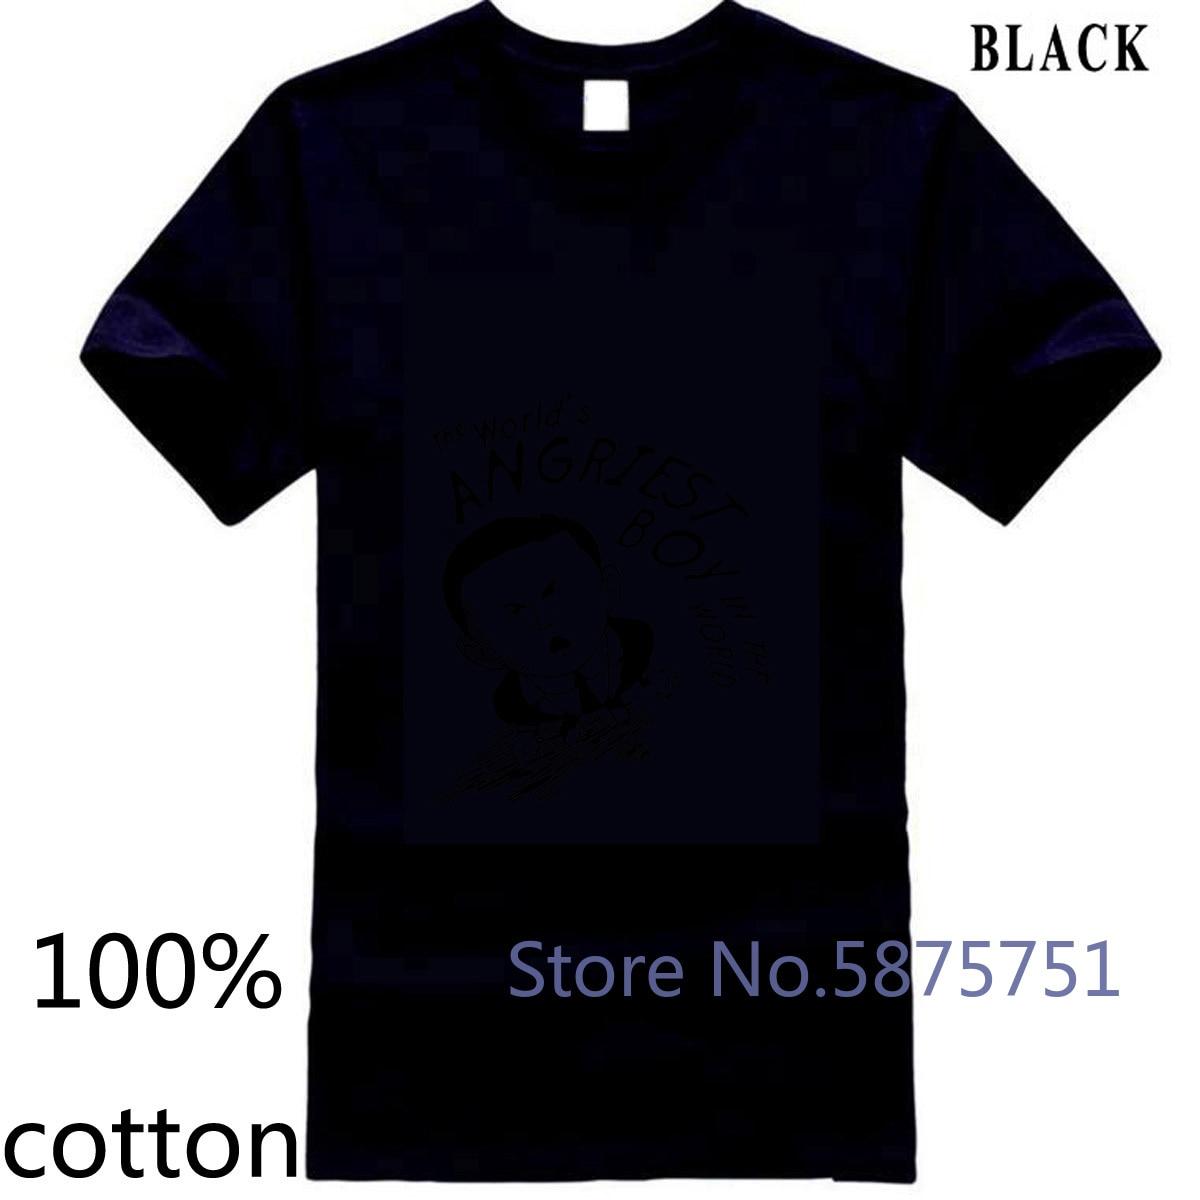 Camiseta de cuello redondo para hombre de la Legión de Marvel y el mundo, camiseta para hombre 100% algodón